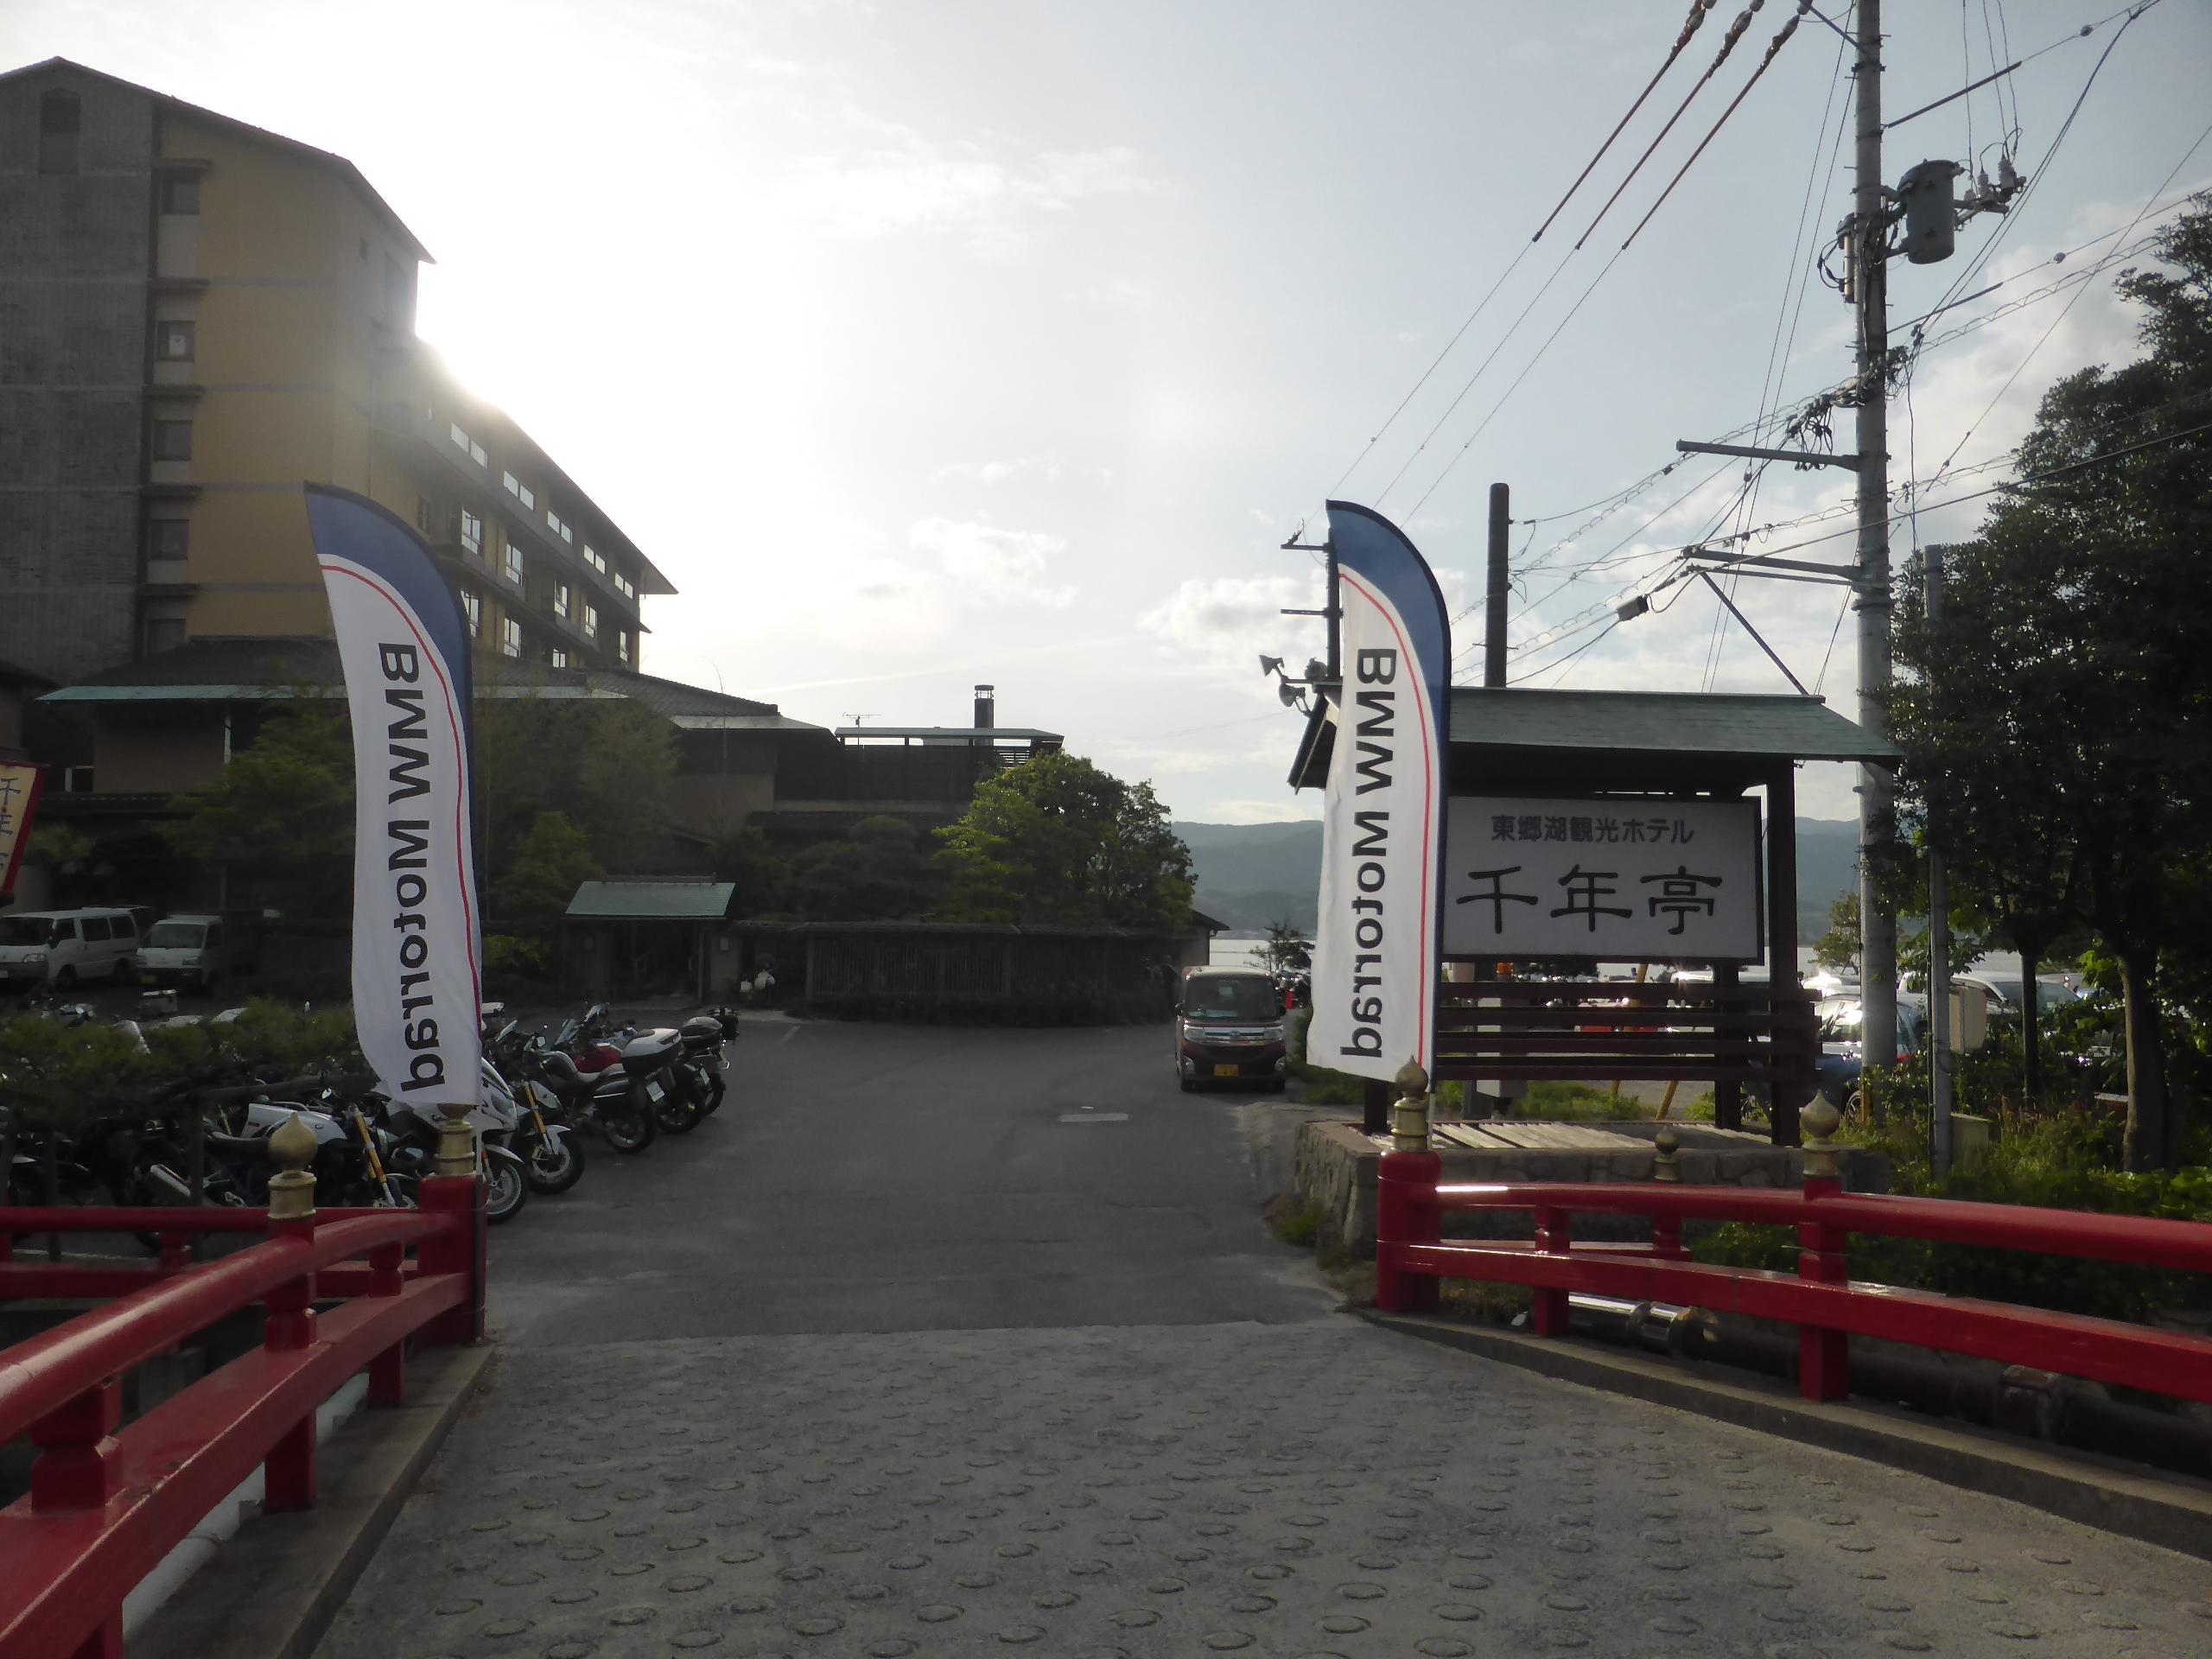 BMWバイクスタンド